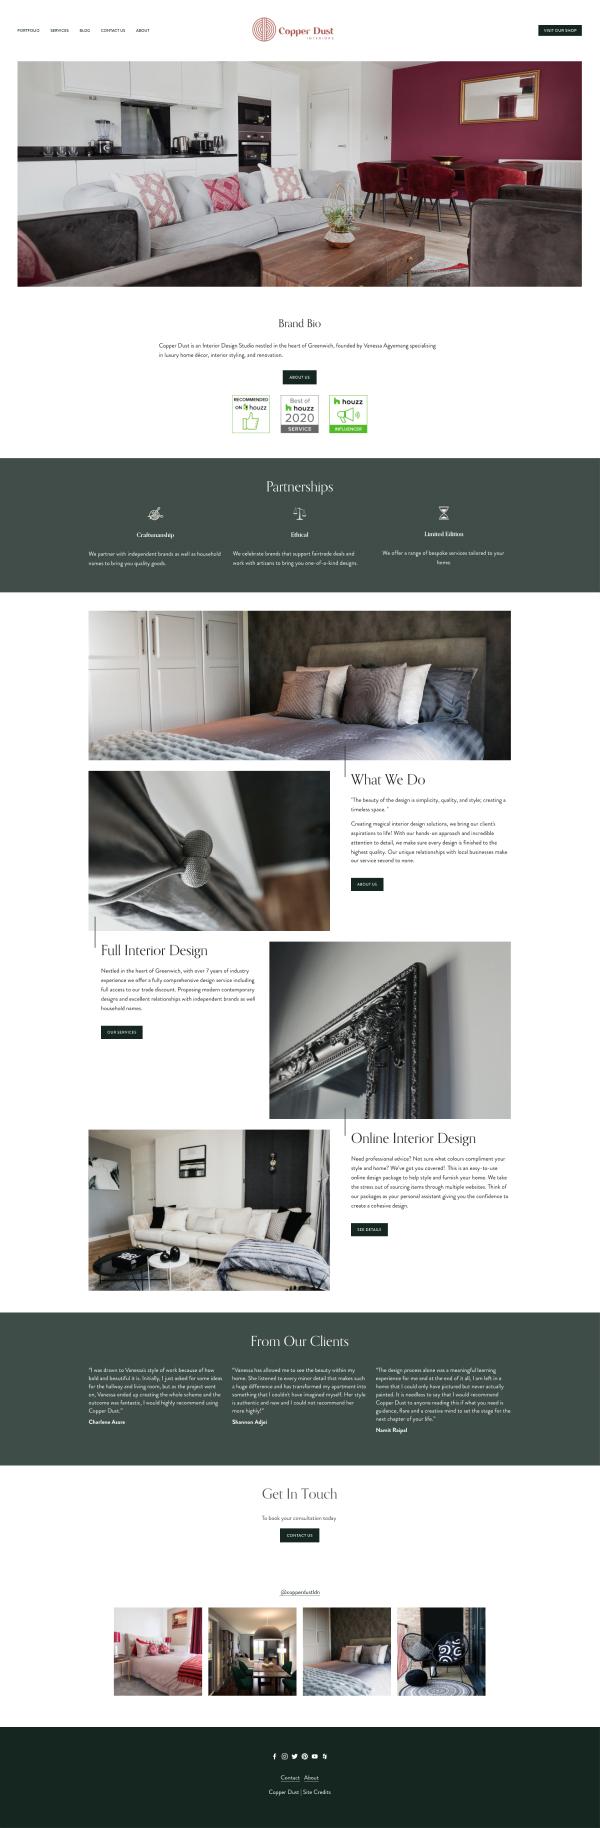 Copper Dust Interiors - London Interior Design